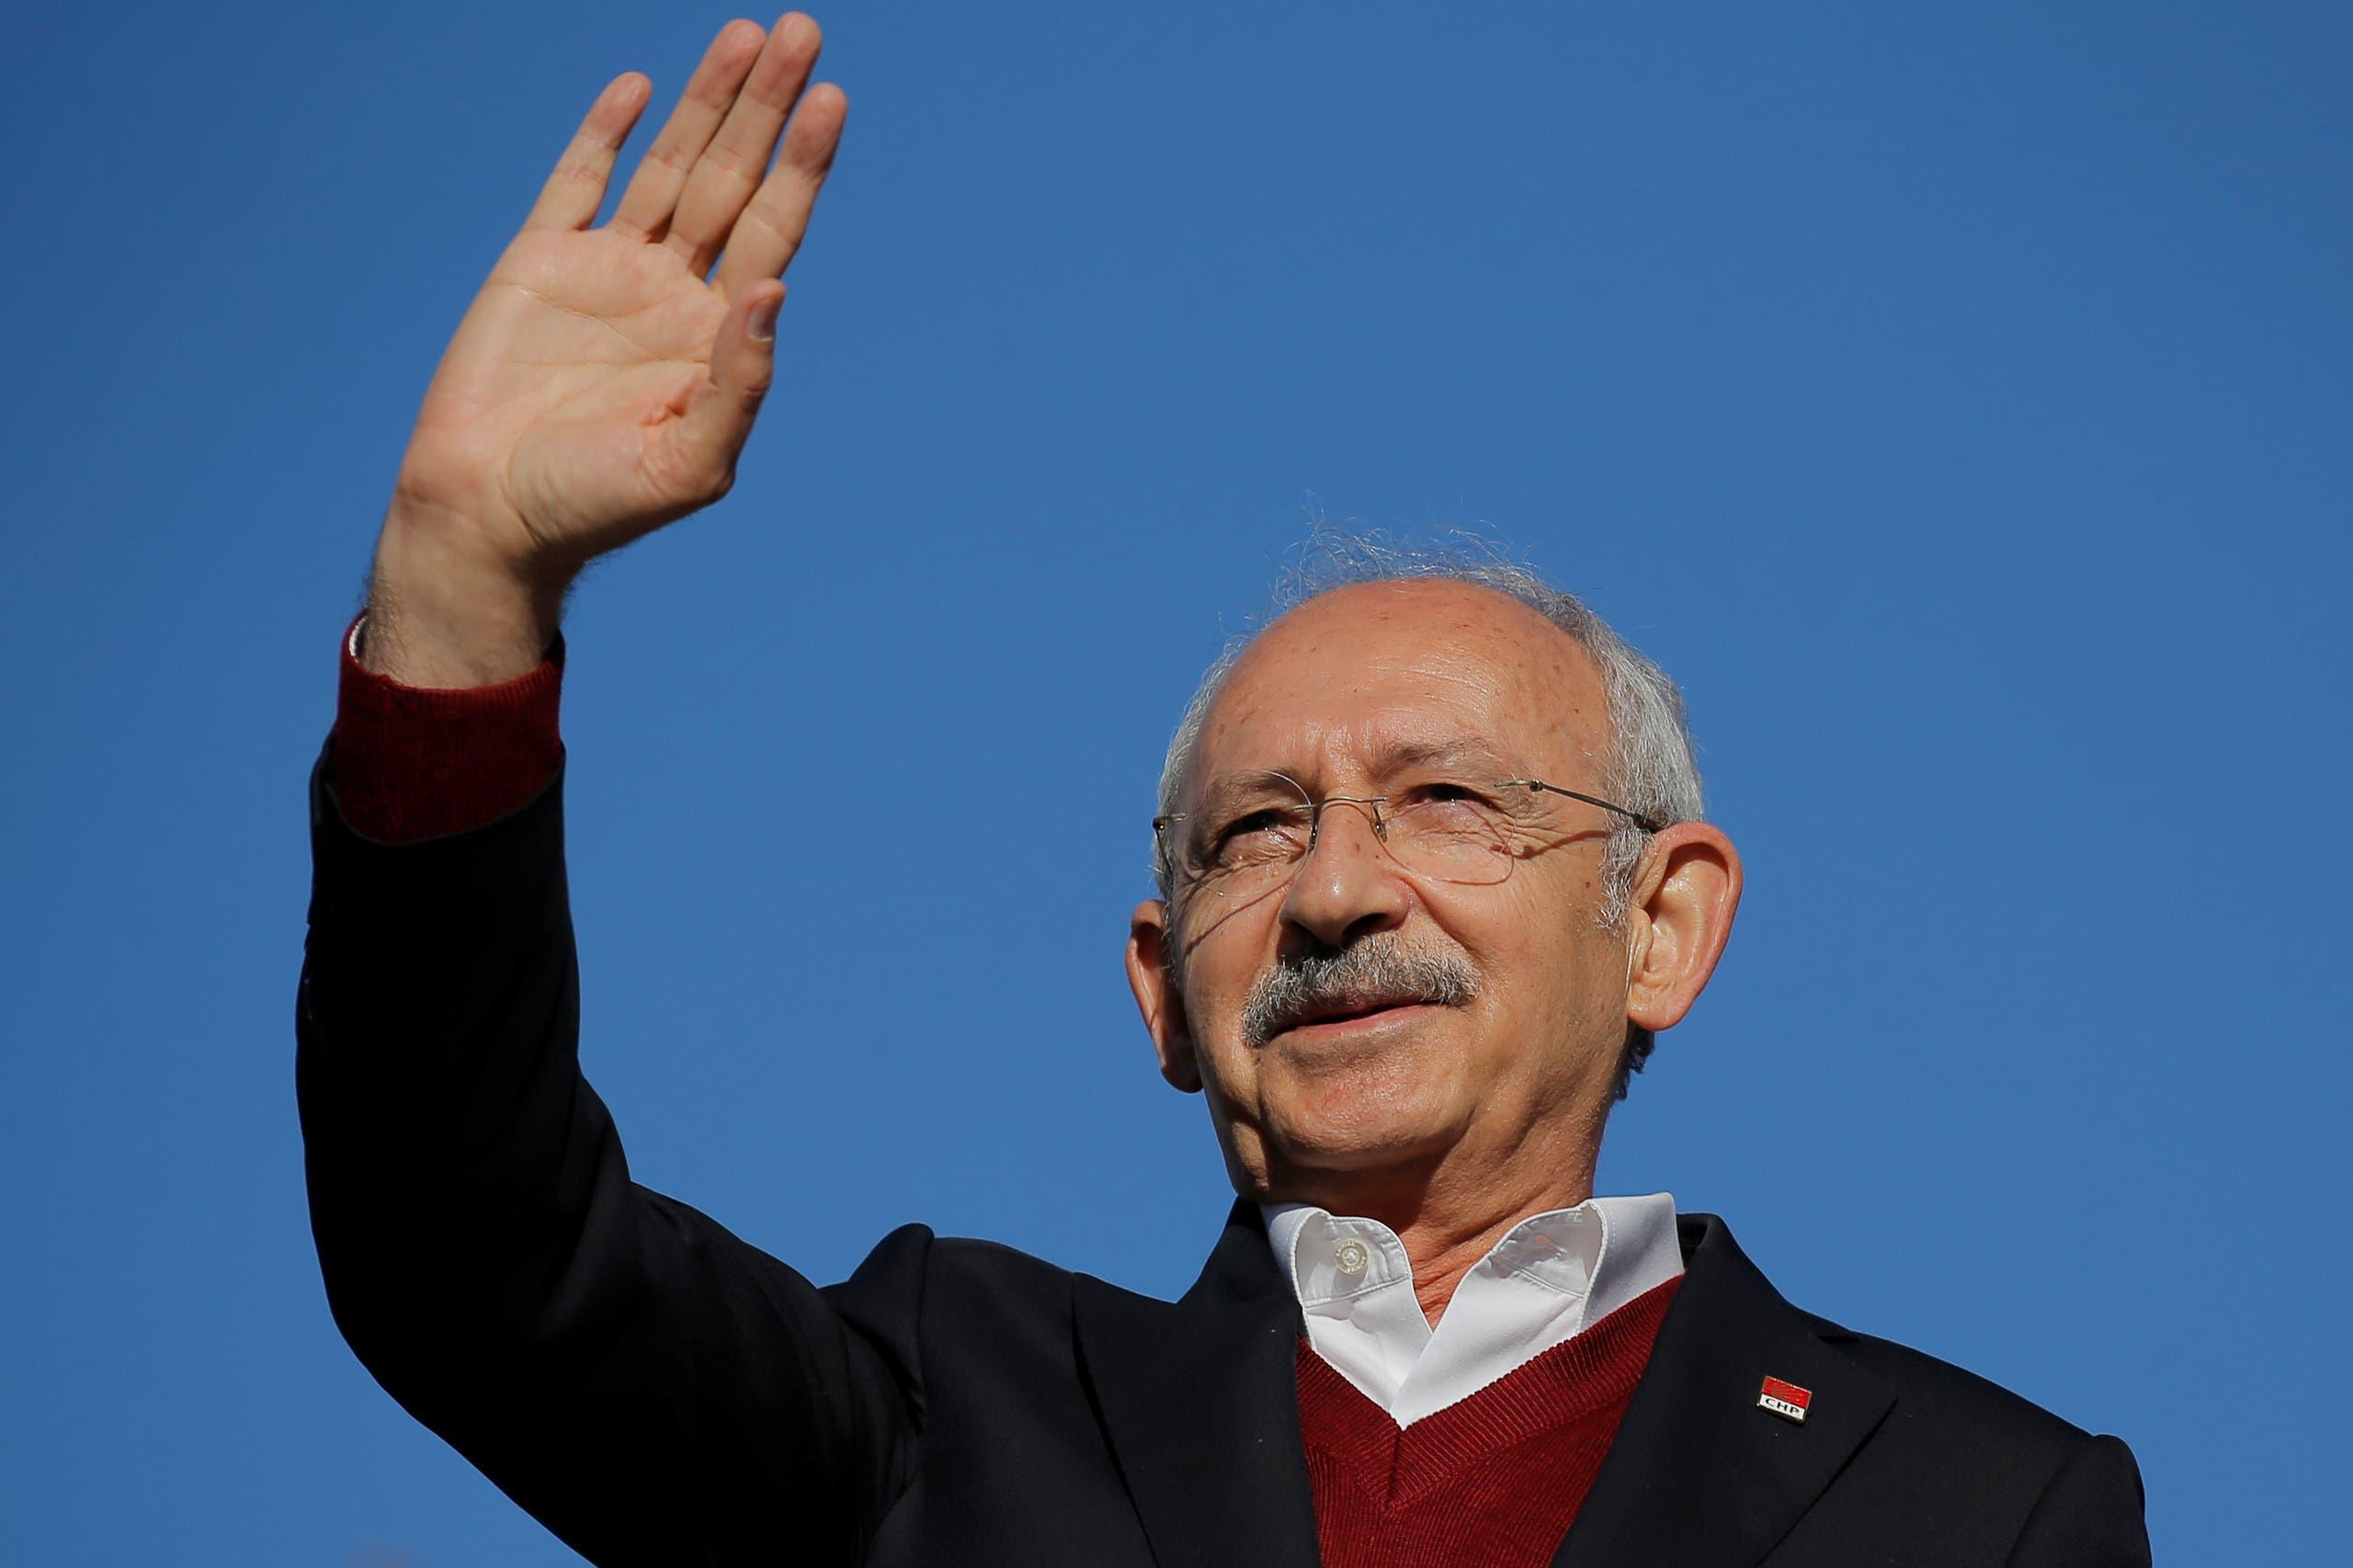 زعيم المعارضة التركية ورئيس حزب الشعب الجمهوري كمال كيليتشدار أوغلو